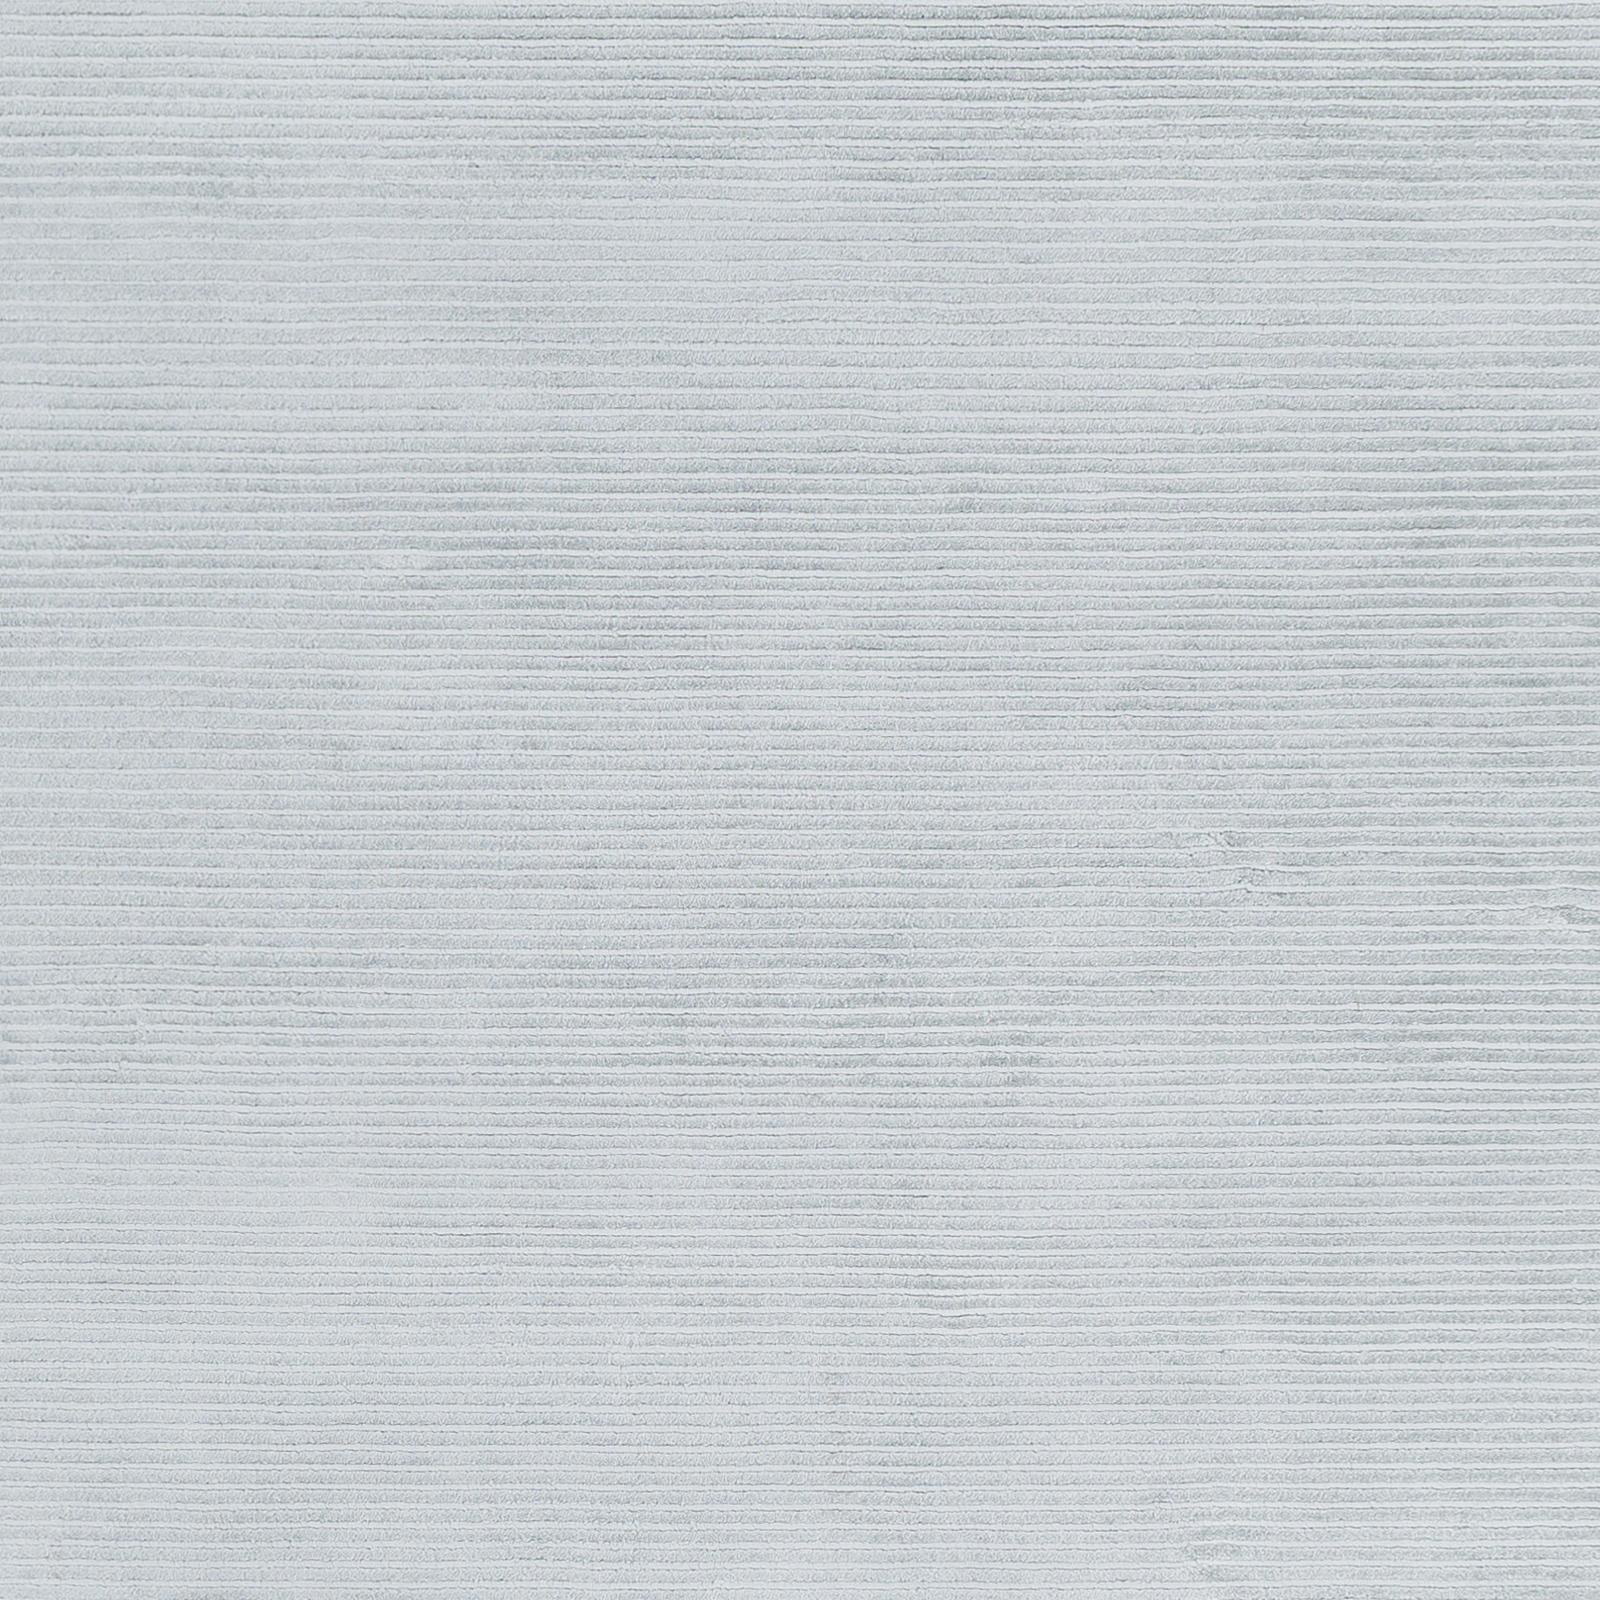 Kuria - 2' x 3' Area Rug